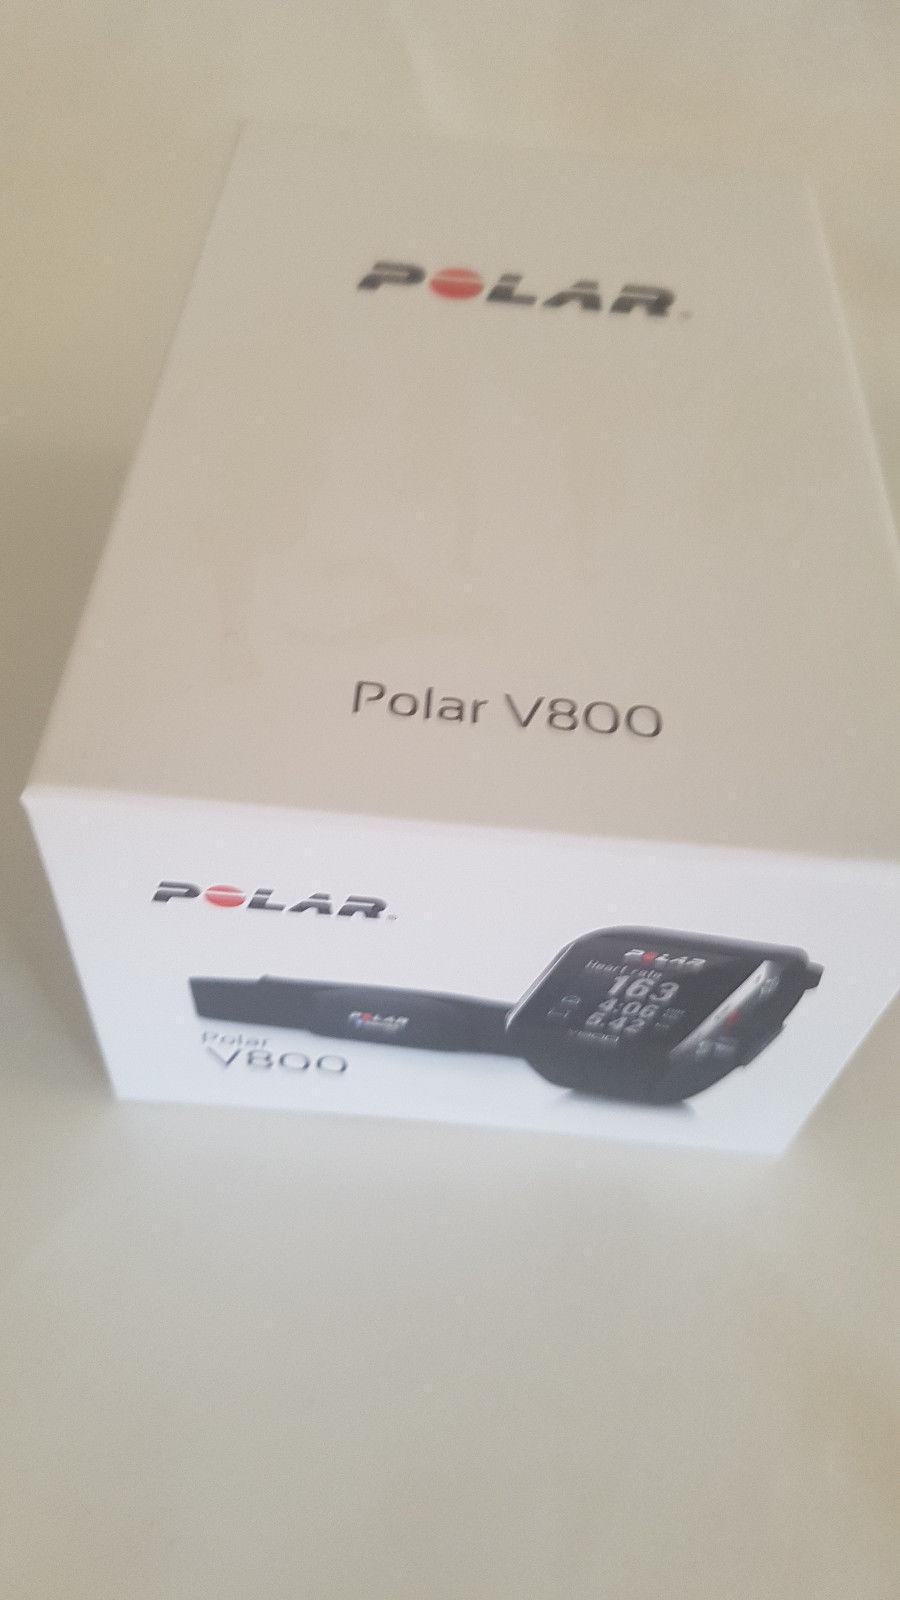 Polar V800 schwarz guter Zustand mit Zubehör